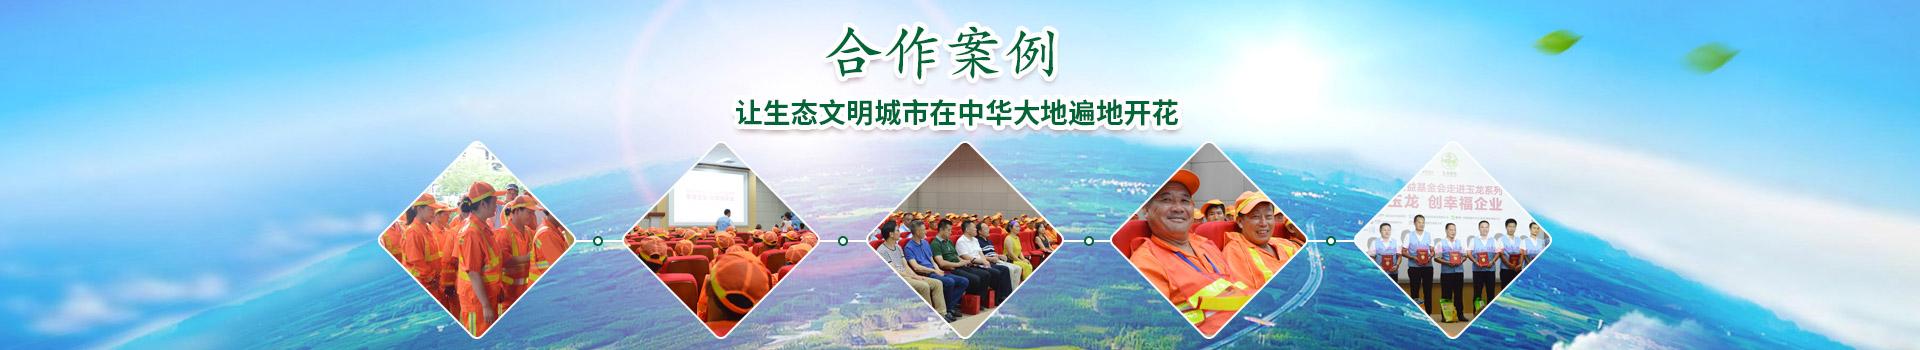 玉龙环保-让生态文明城市在中华大地遍地开花